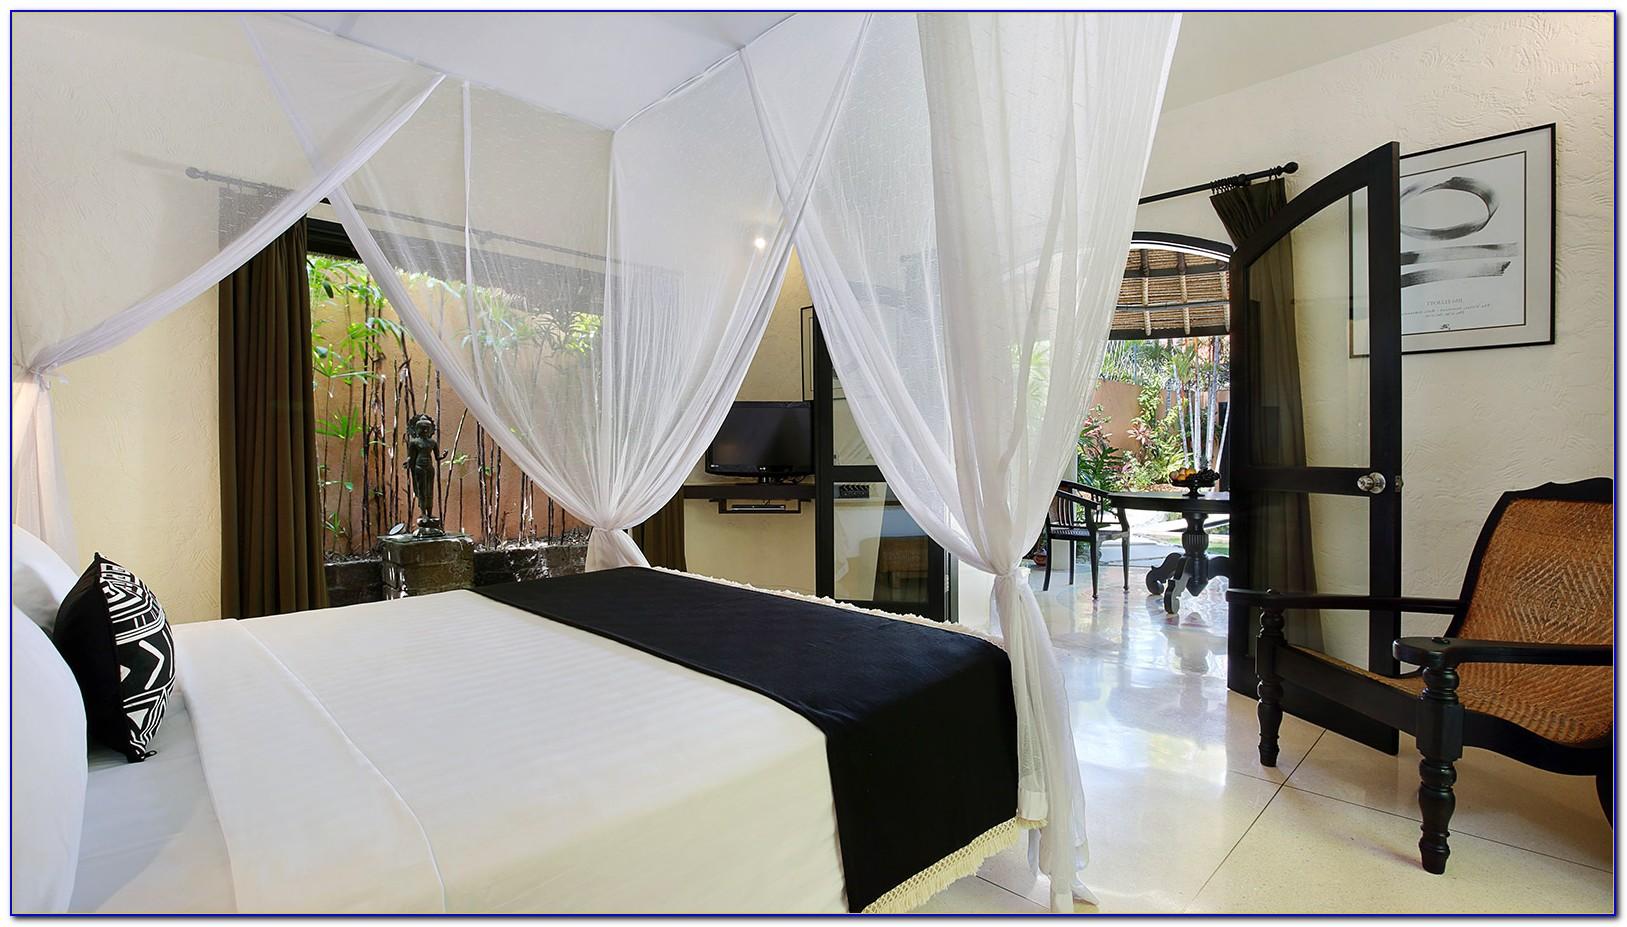 1 Bedroom Villa Bali Ubud